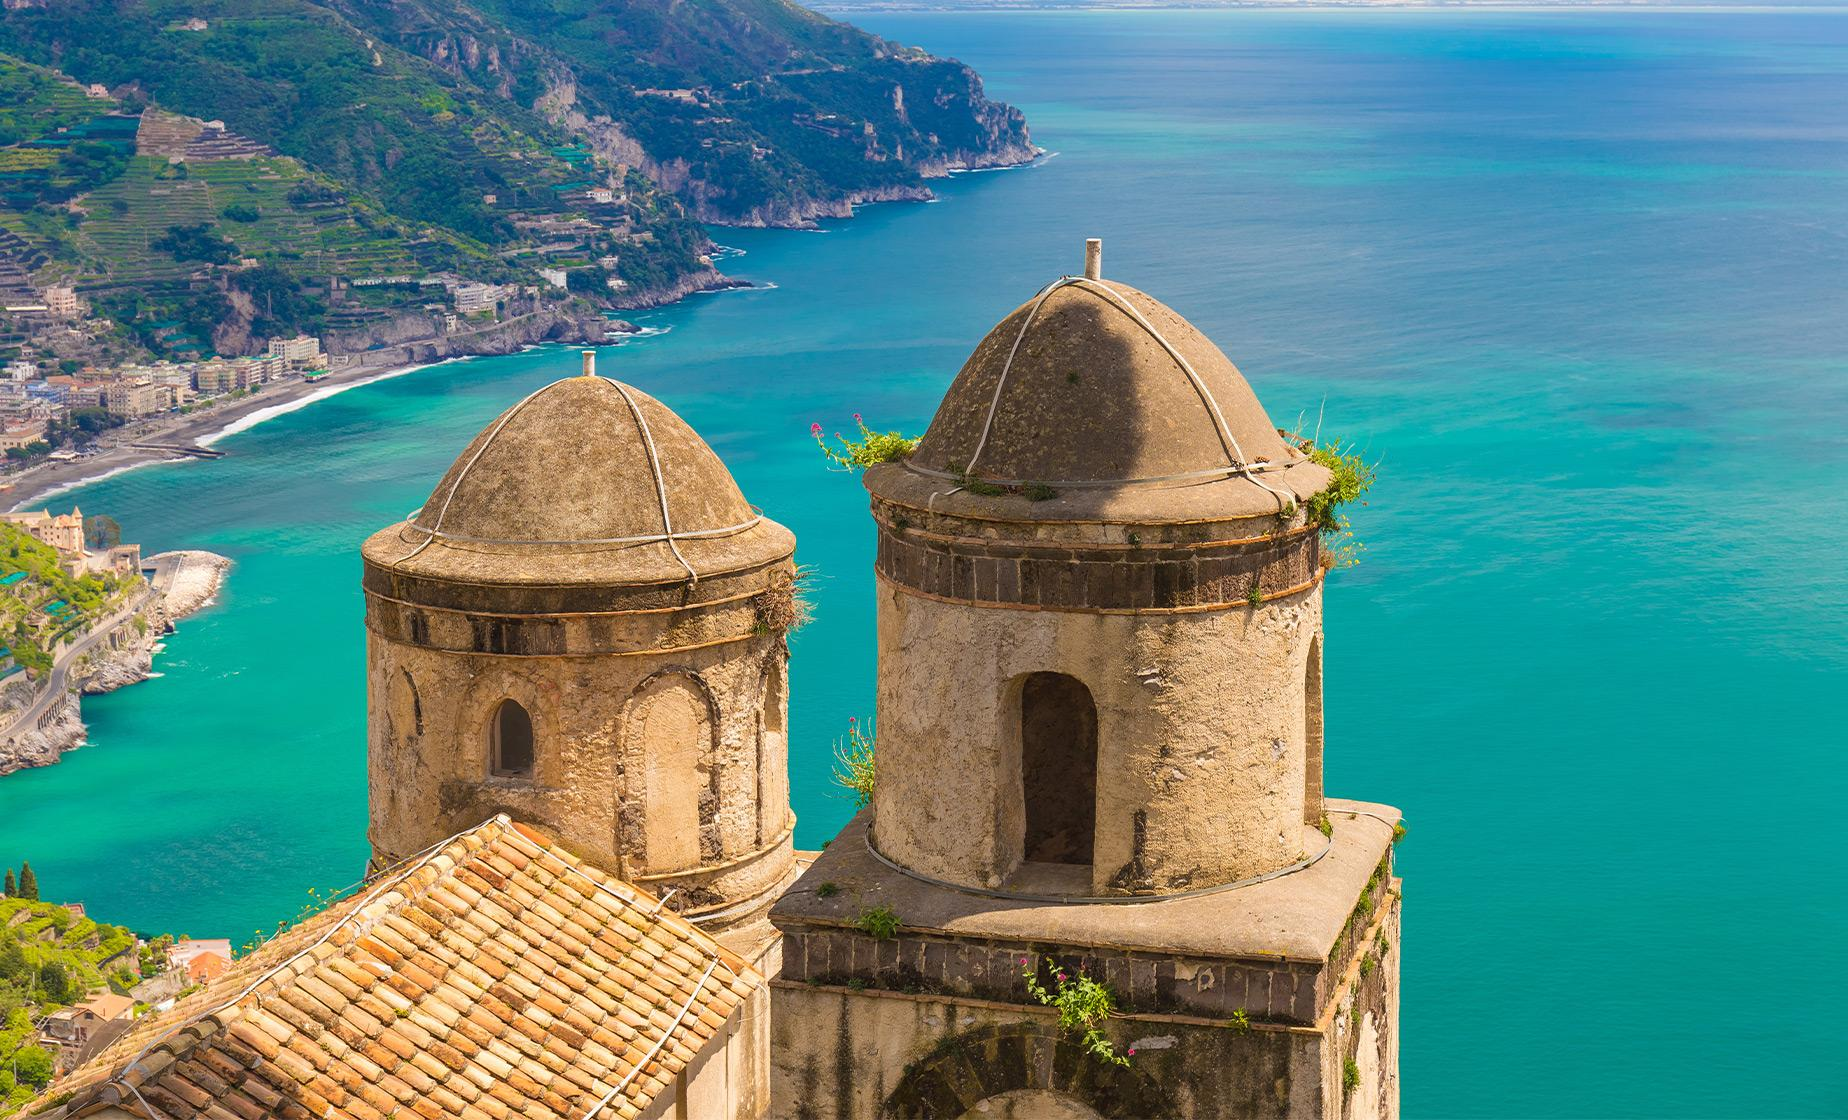 Private Splendors of the Amalfi Coast